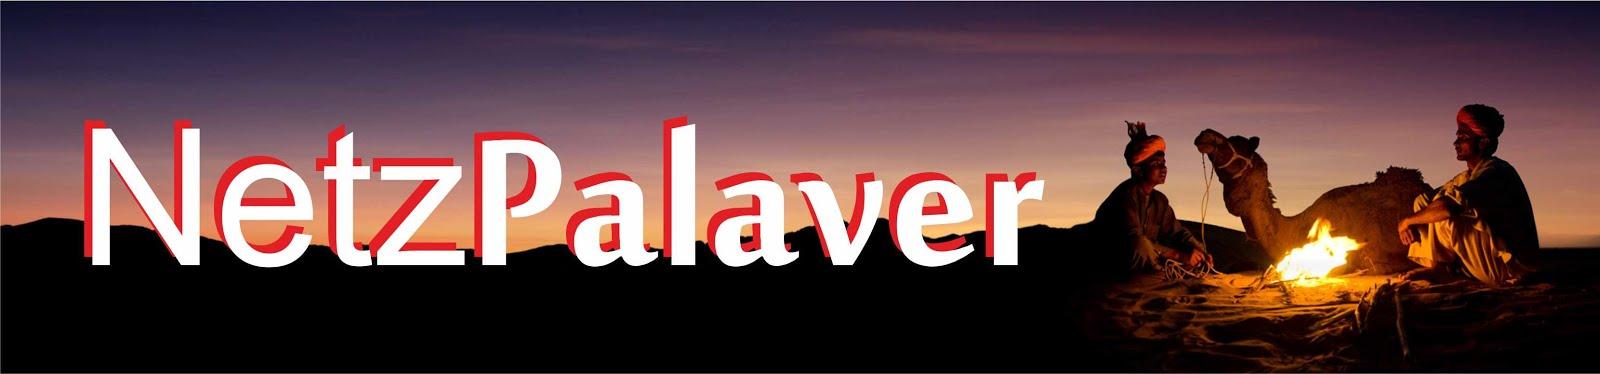 NetzPalaver